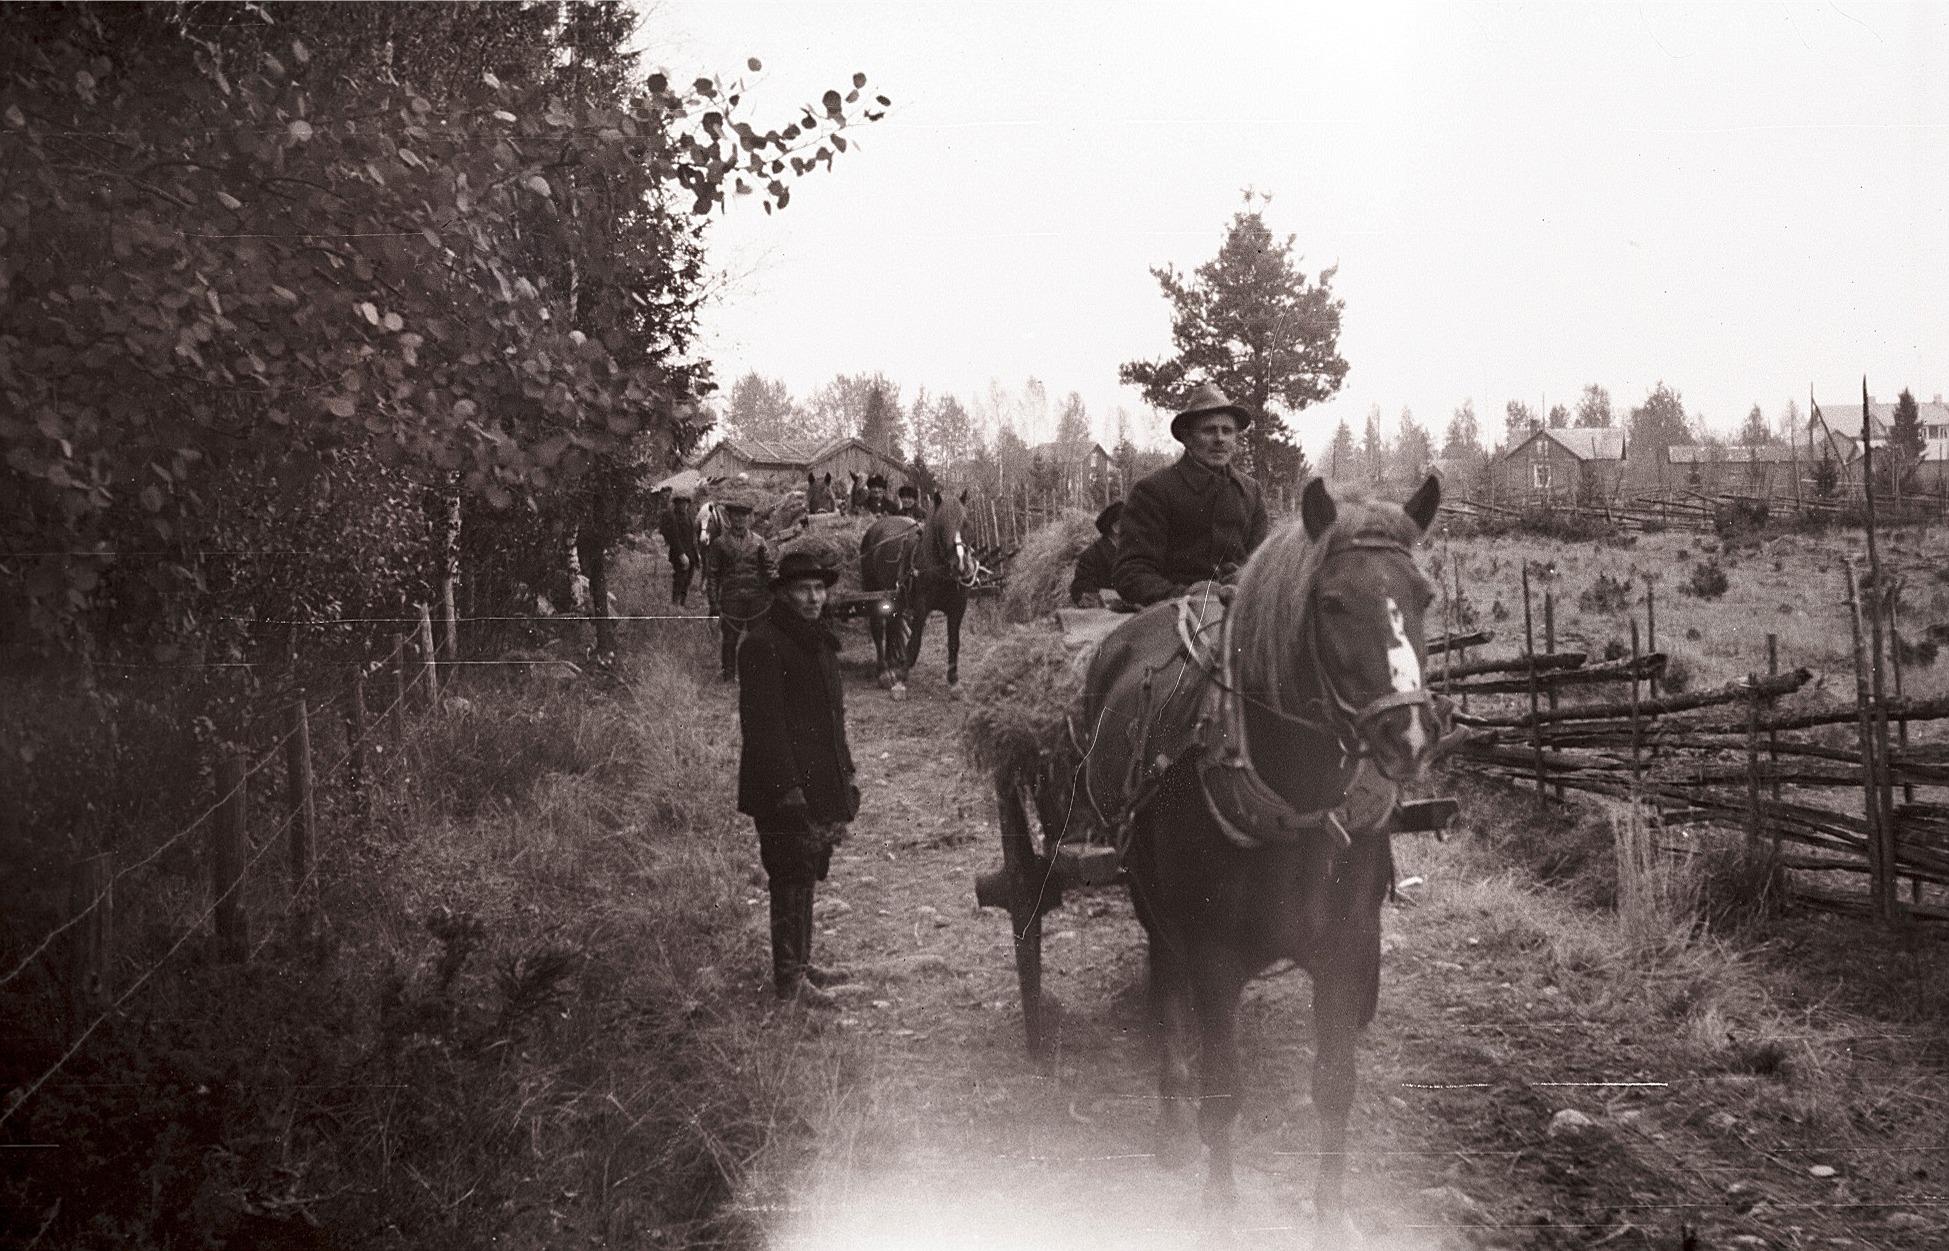 Här ser vi hästar på väg till inskrivningen på kyrkbacken i Lappfjärd. Enligt bestämmelserna skulle hästarna medföra åtminstone 50 kg hö och 15 kg havre. De skulle vara välskodda och ha ordentliga seldon. Därtill var det en massa verktyg som skulle finnas med, bland annat en yxa, ett järnspett och en skyffel. Ett ämbare och hästtäcke som skulle medföras varje häst.